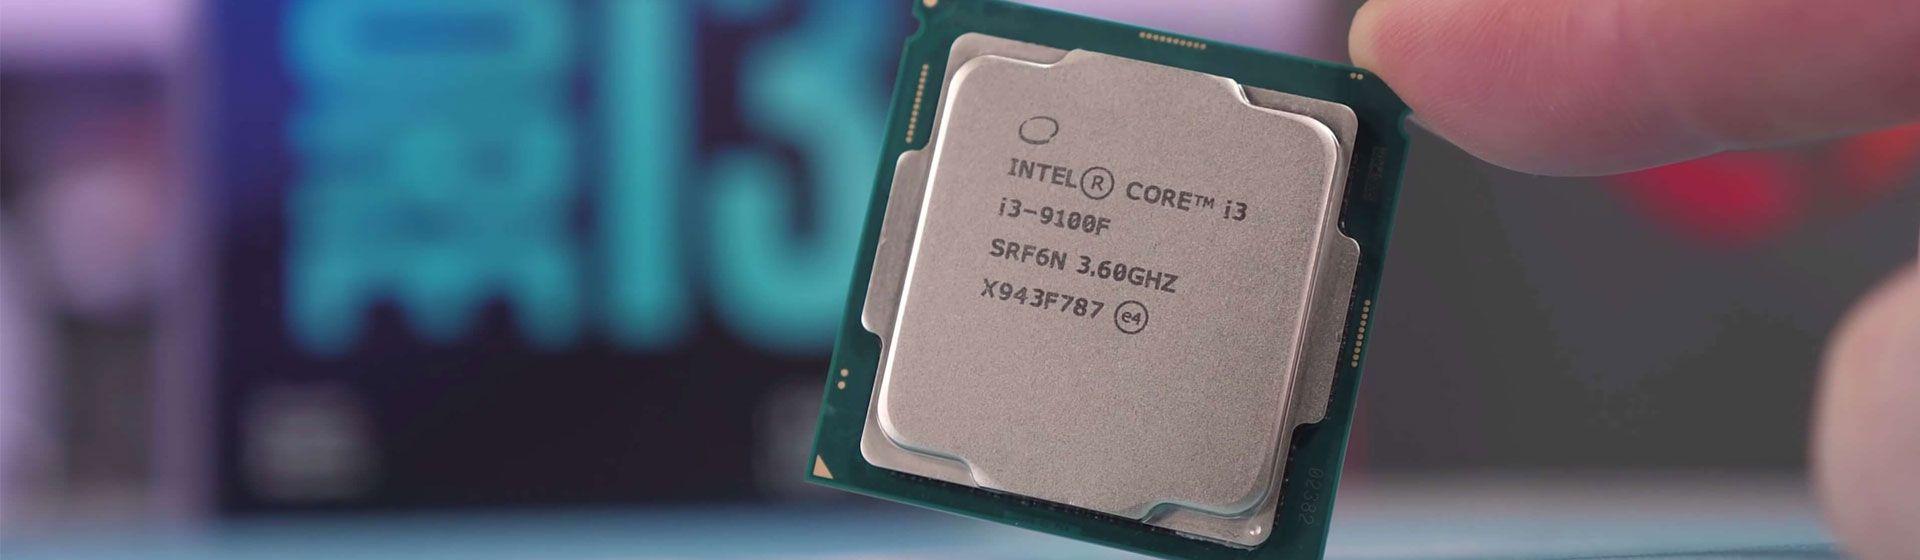 Processador i3 9100F é bom? Descubra na nossa análise do chip